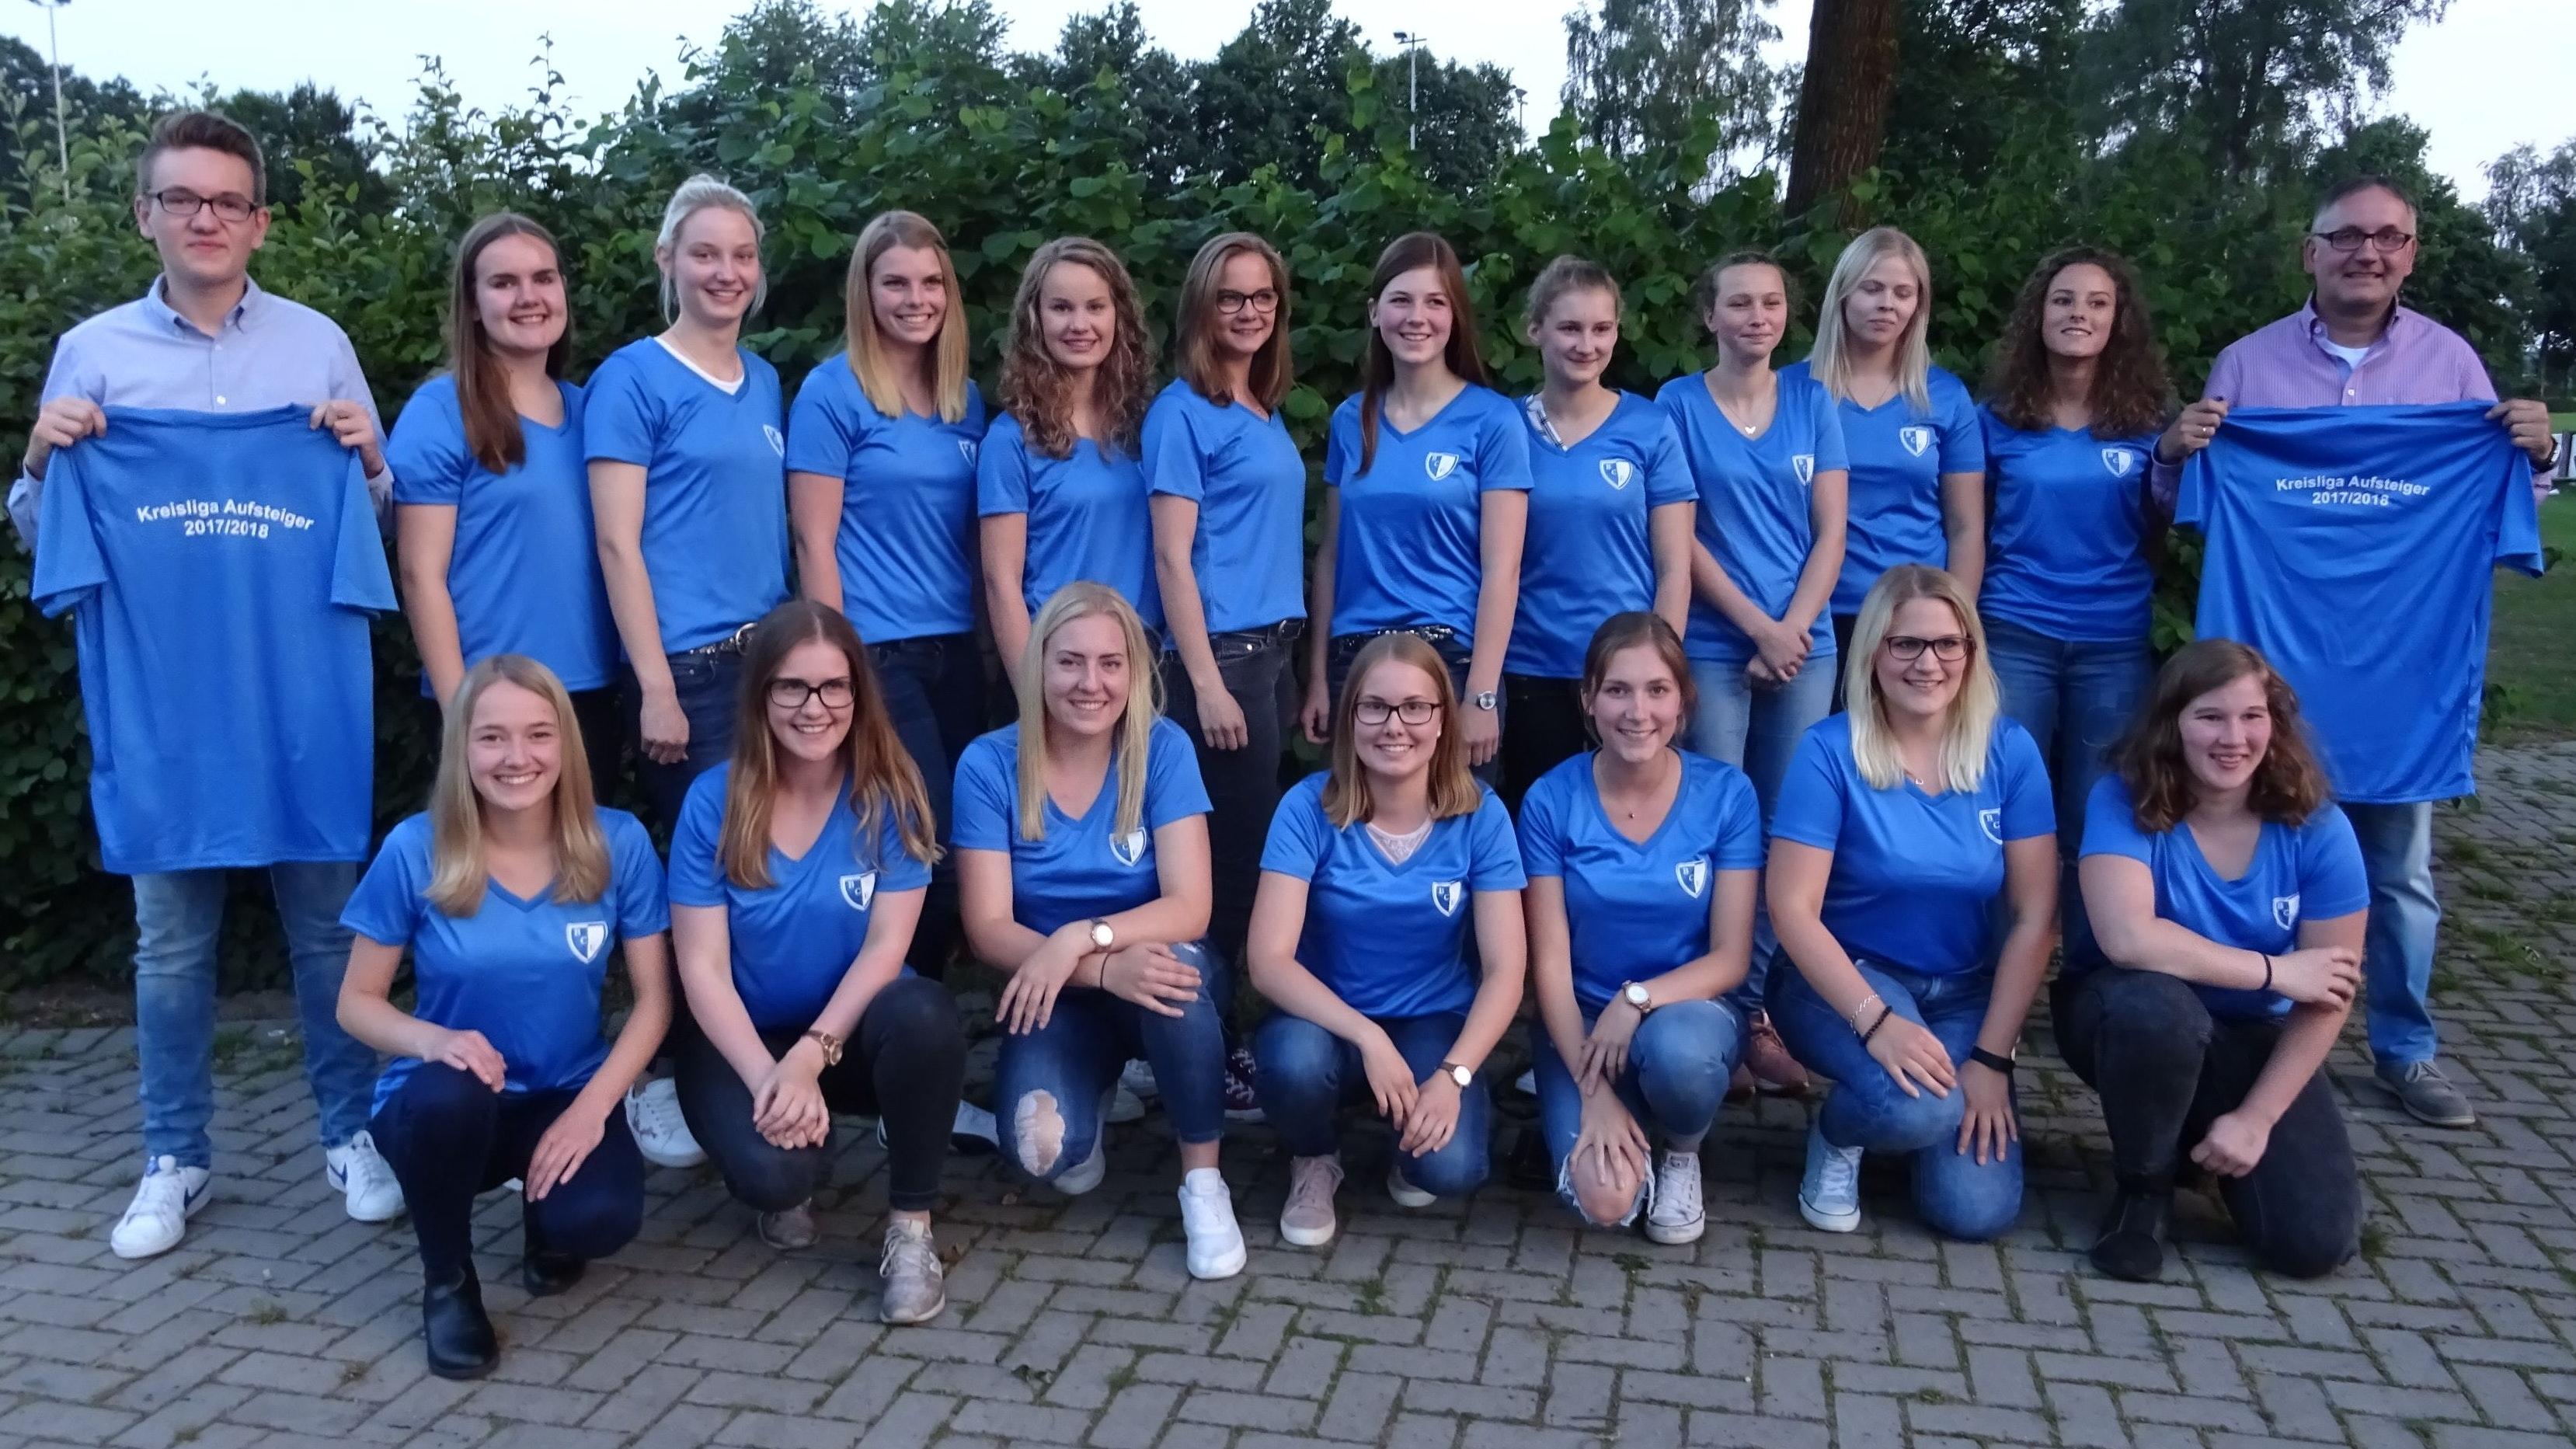 Wollen wieder auf den Fußballplatz: Das Damen-Team des BC Ermke (hier nach dem Aufstieg in die Kreisliga) sucht zur neuen Saison einen Trainer oder eine Trainerin. Foto: Landwehr